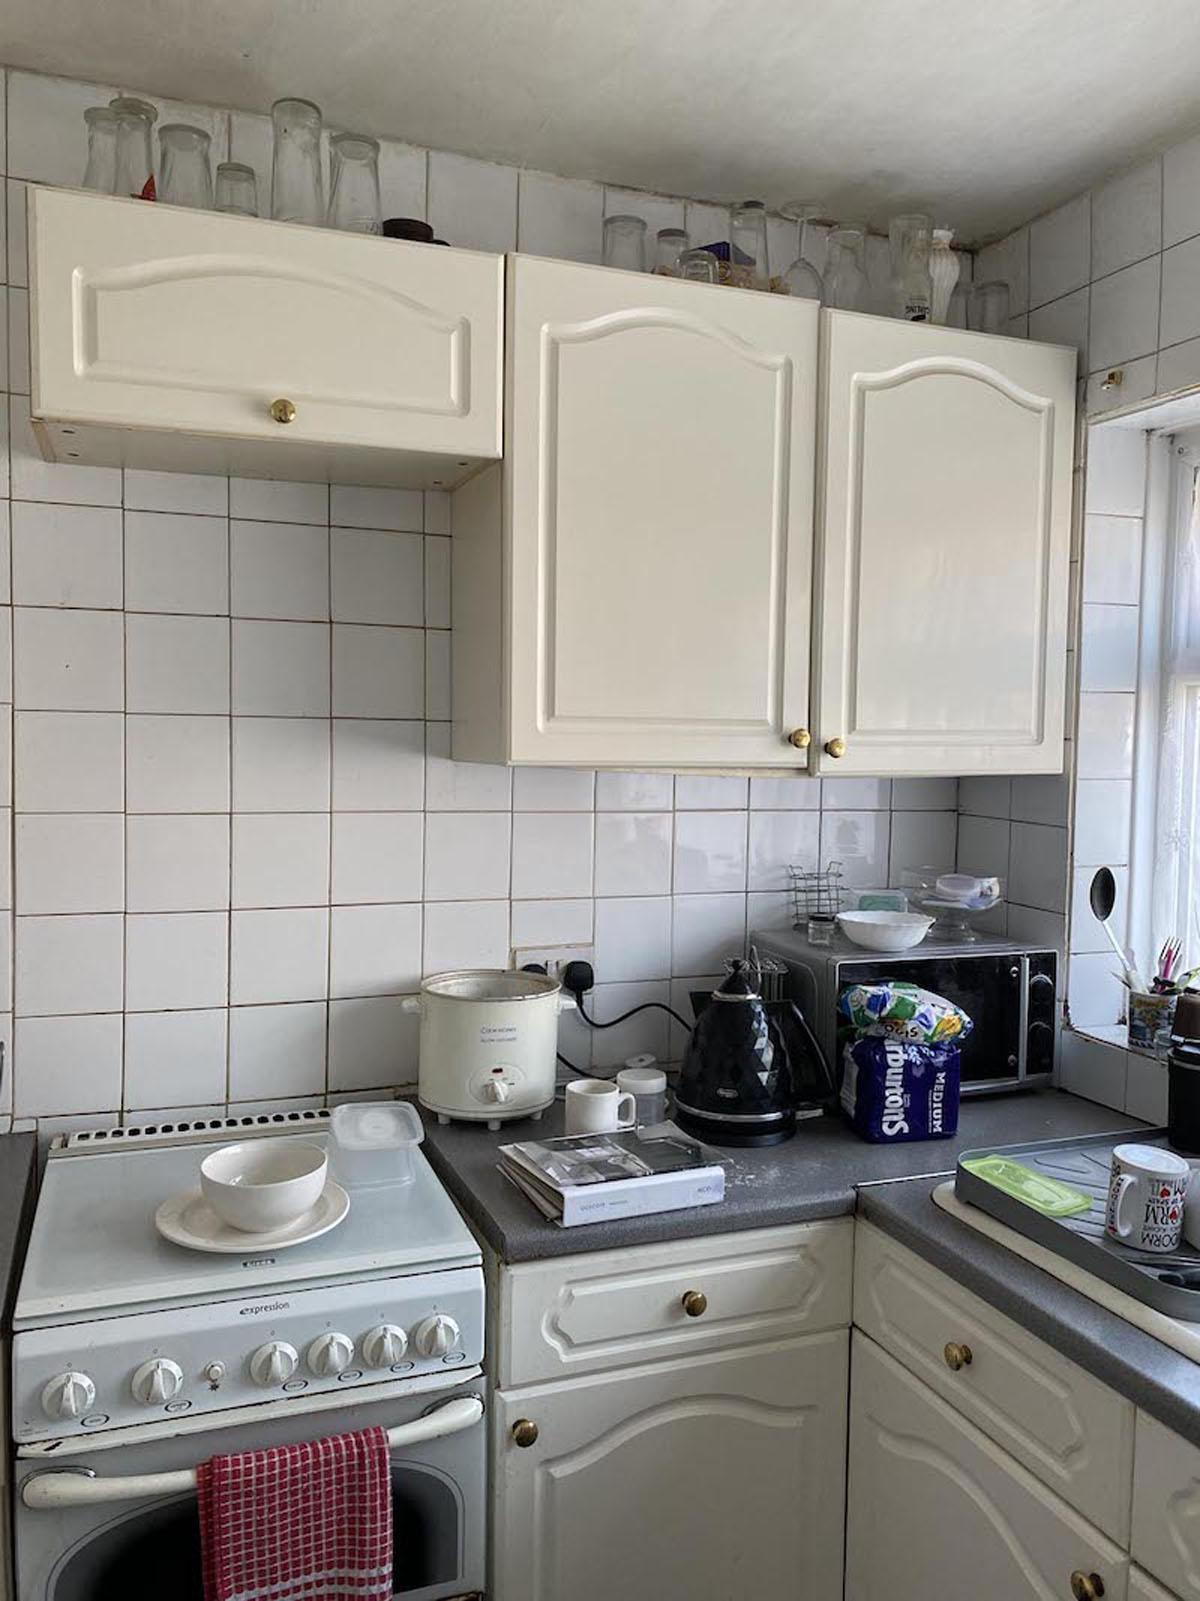 Mrs Harvey's Kitchen, Stapleford